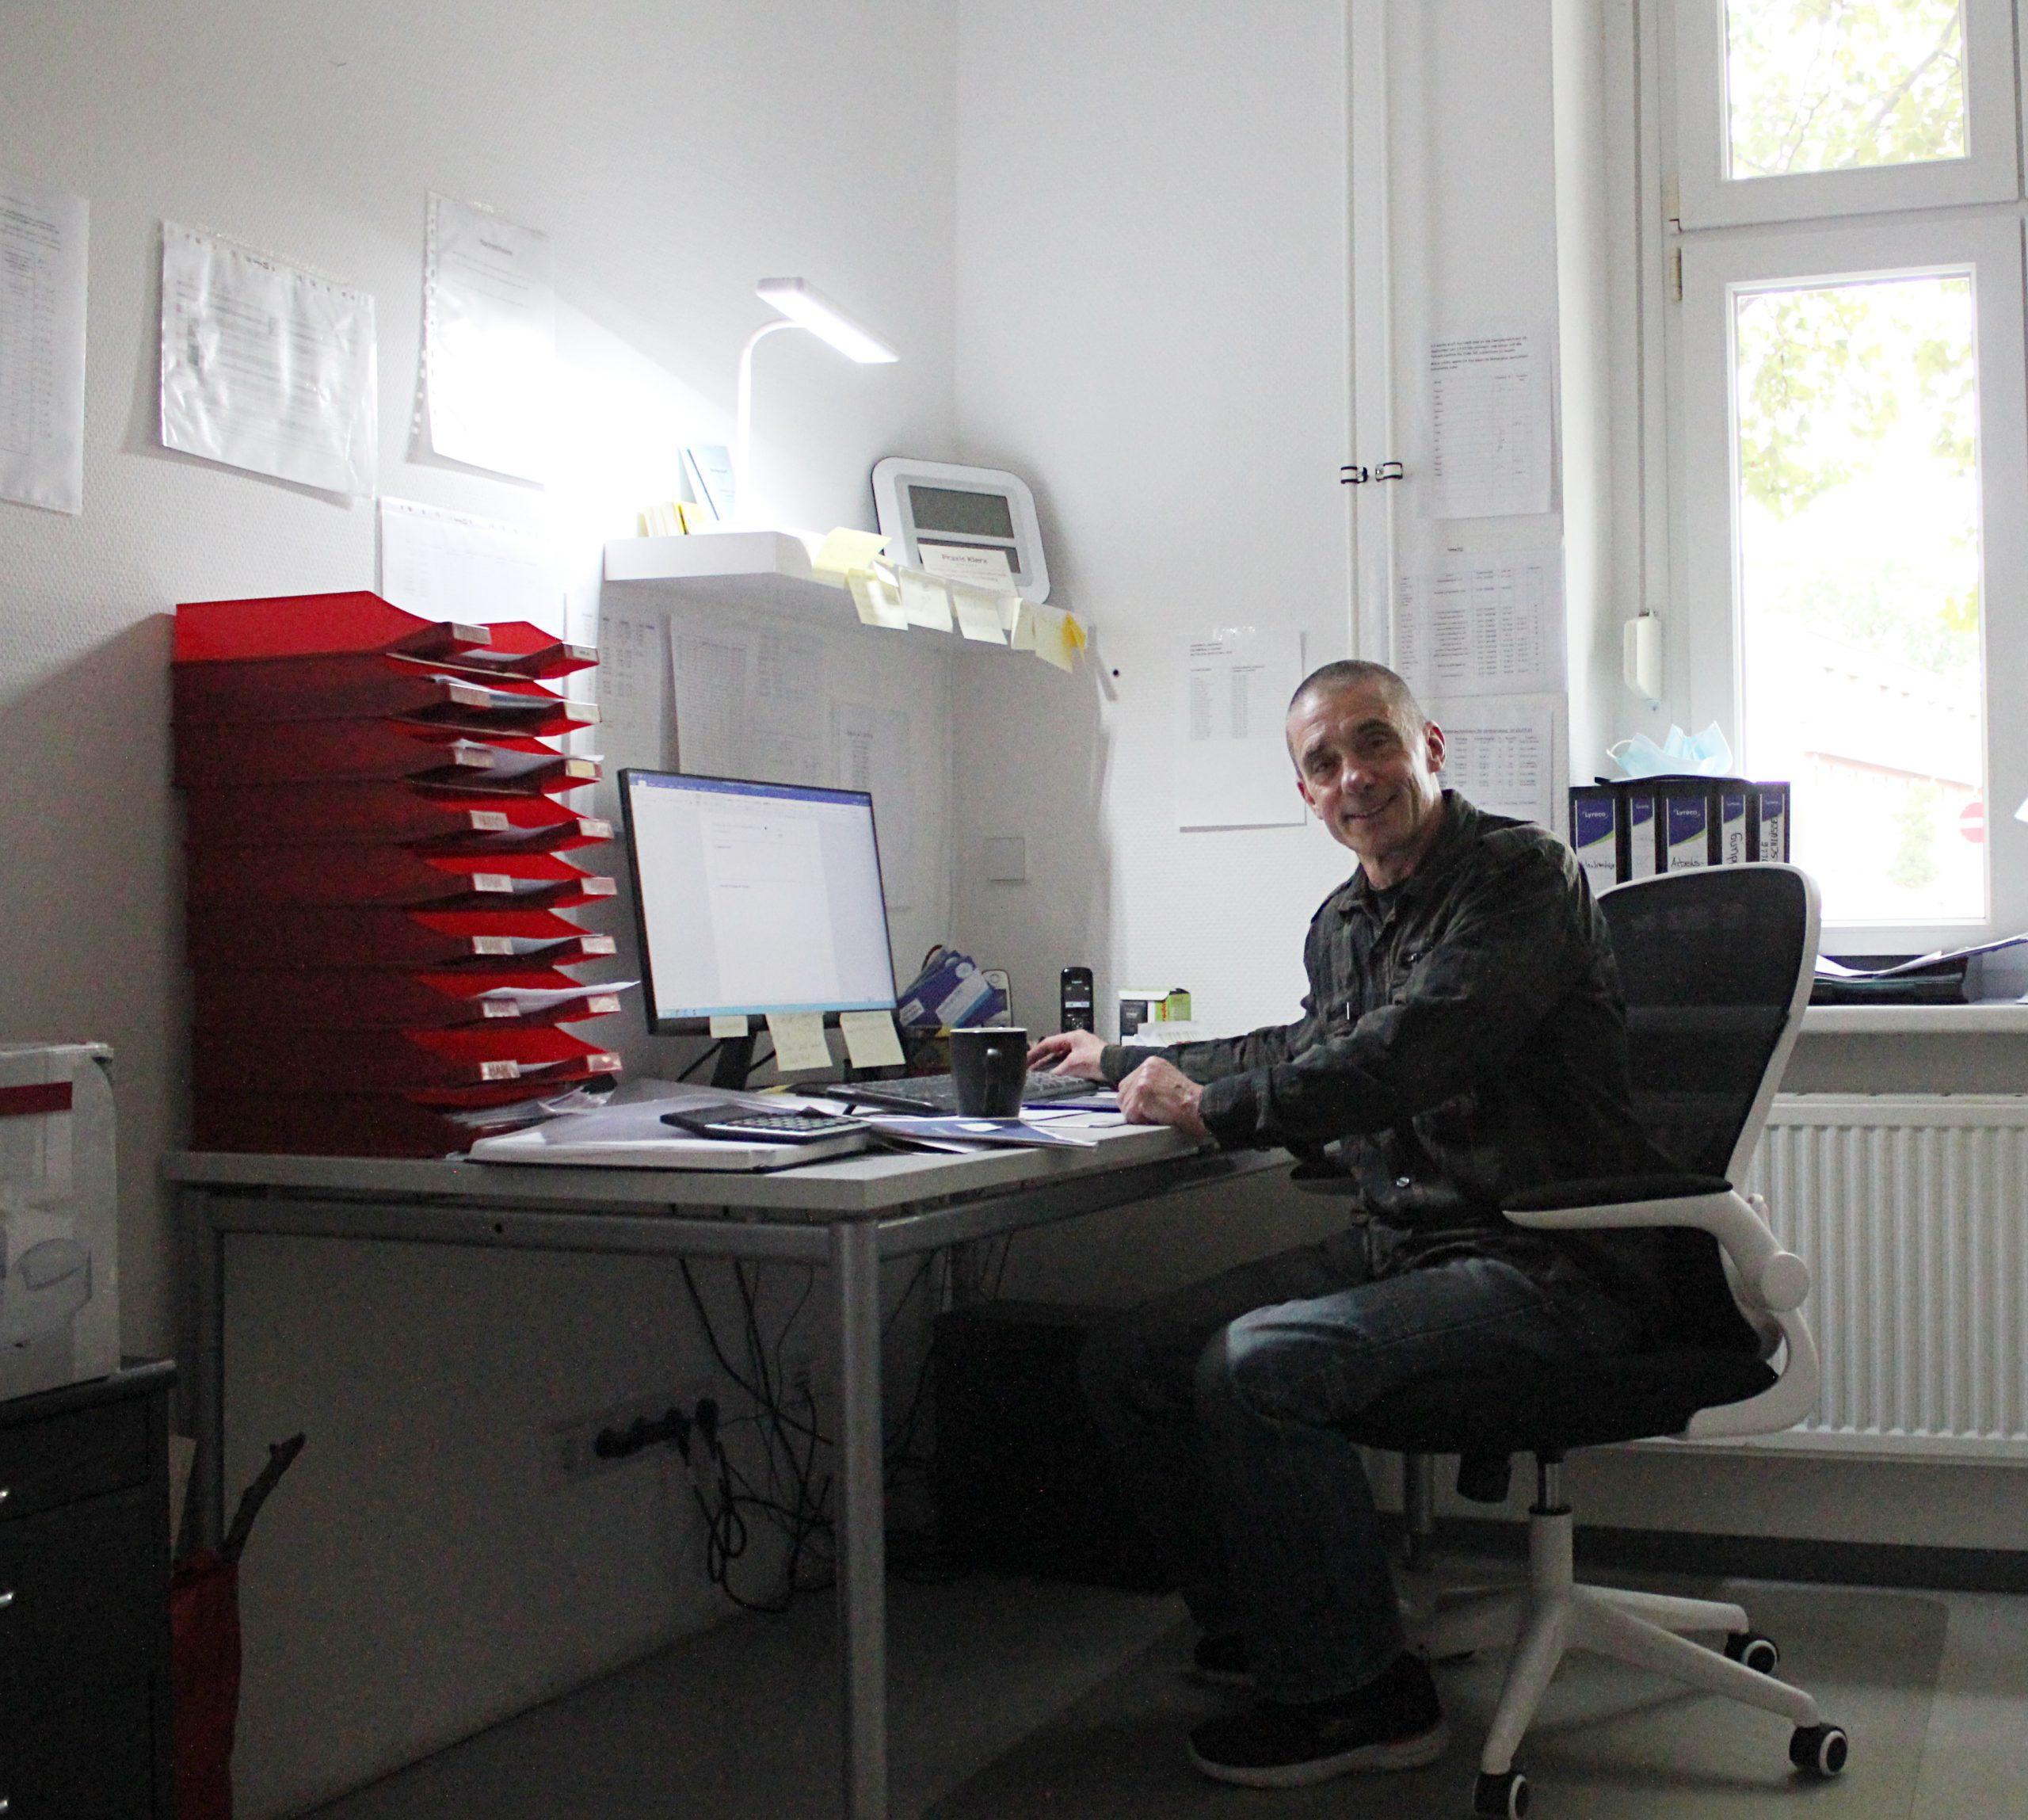 Uwe Schiwek, Leiter des Kinder- und Jugendnotdienstes OHV in Oranienburg, navitas gGmbH